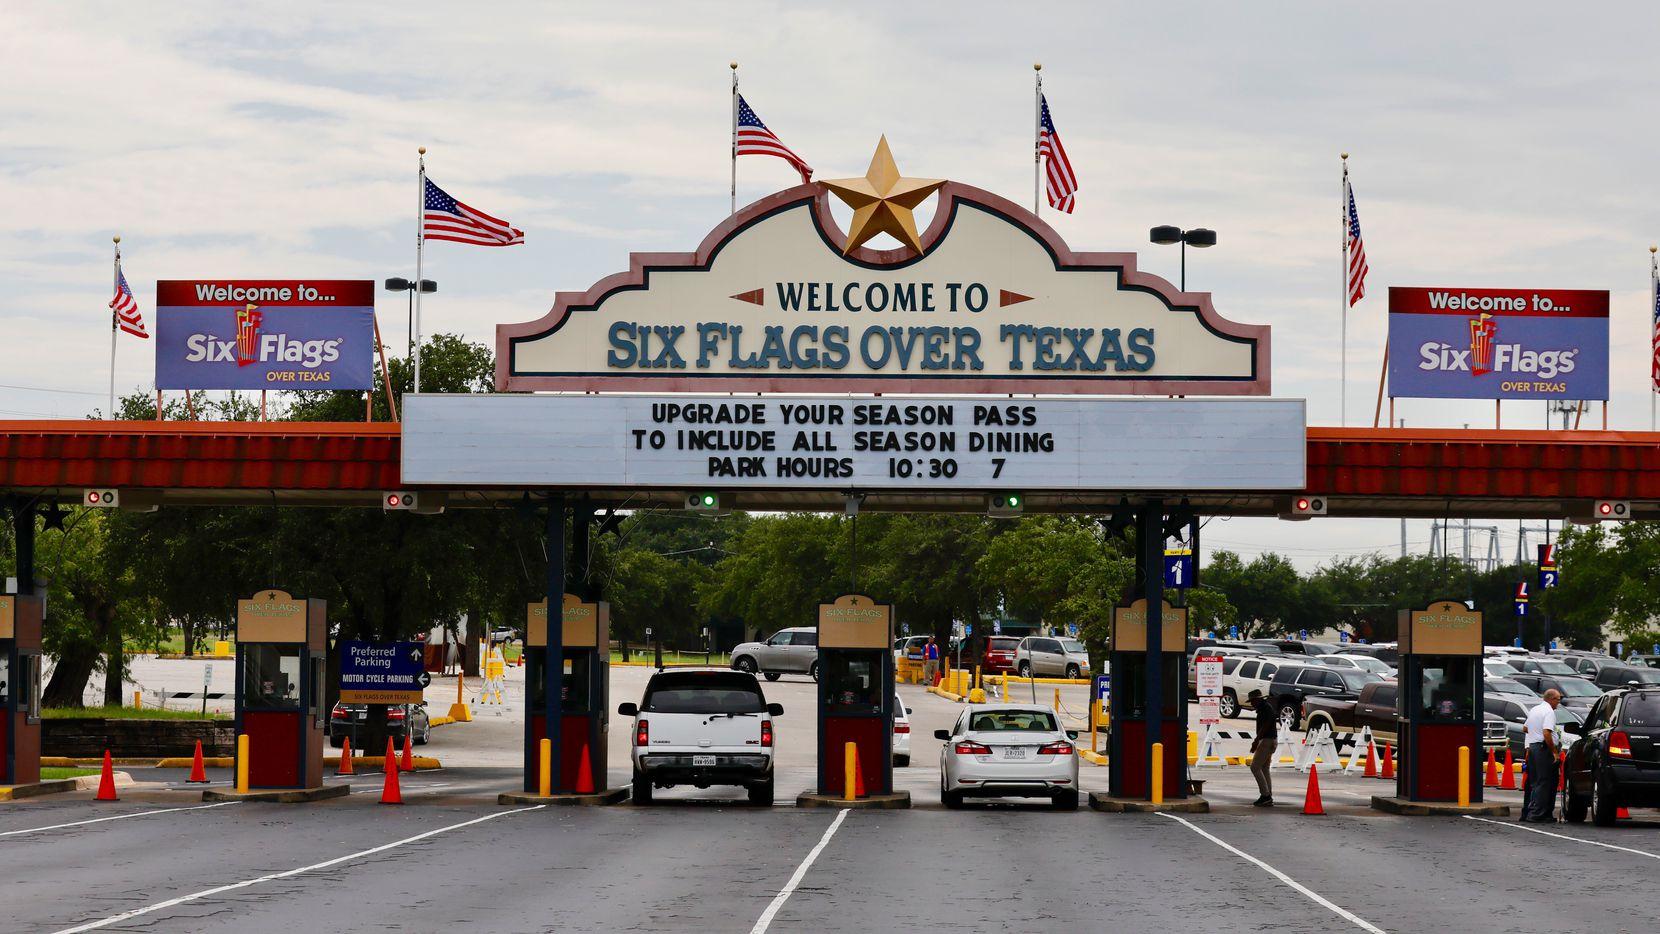 Six Flags Over Texas estará cerrado hasta finales de marzo de 2020 por coronavirus.